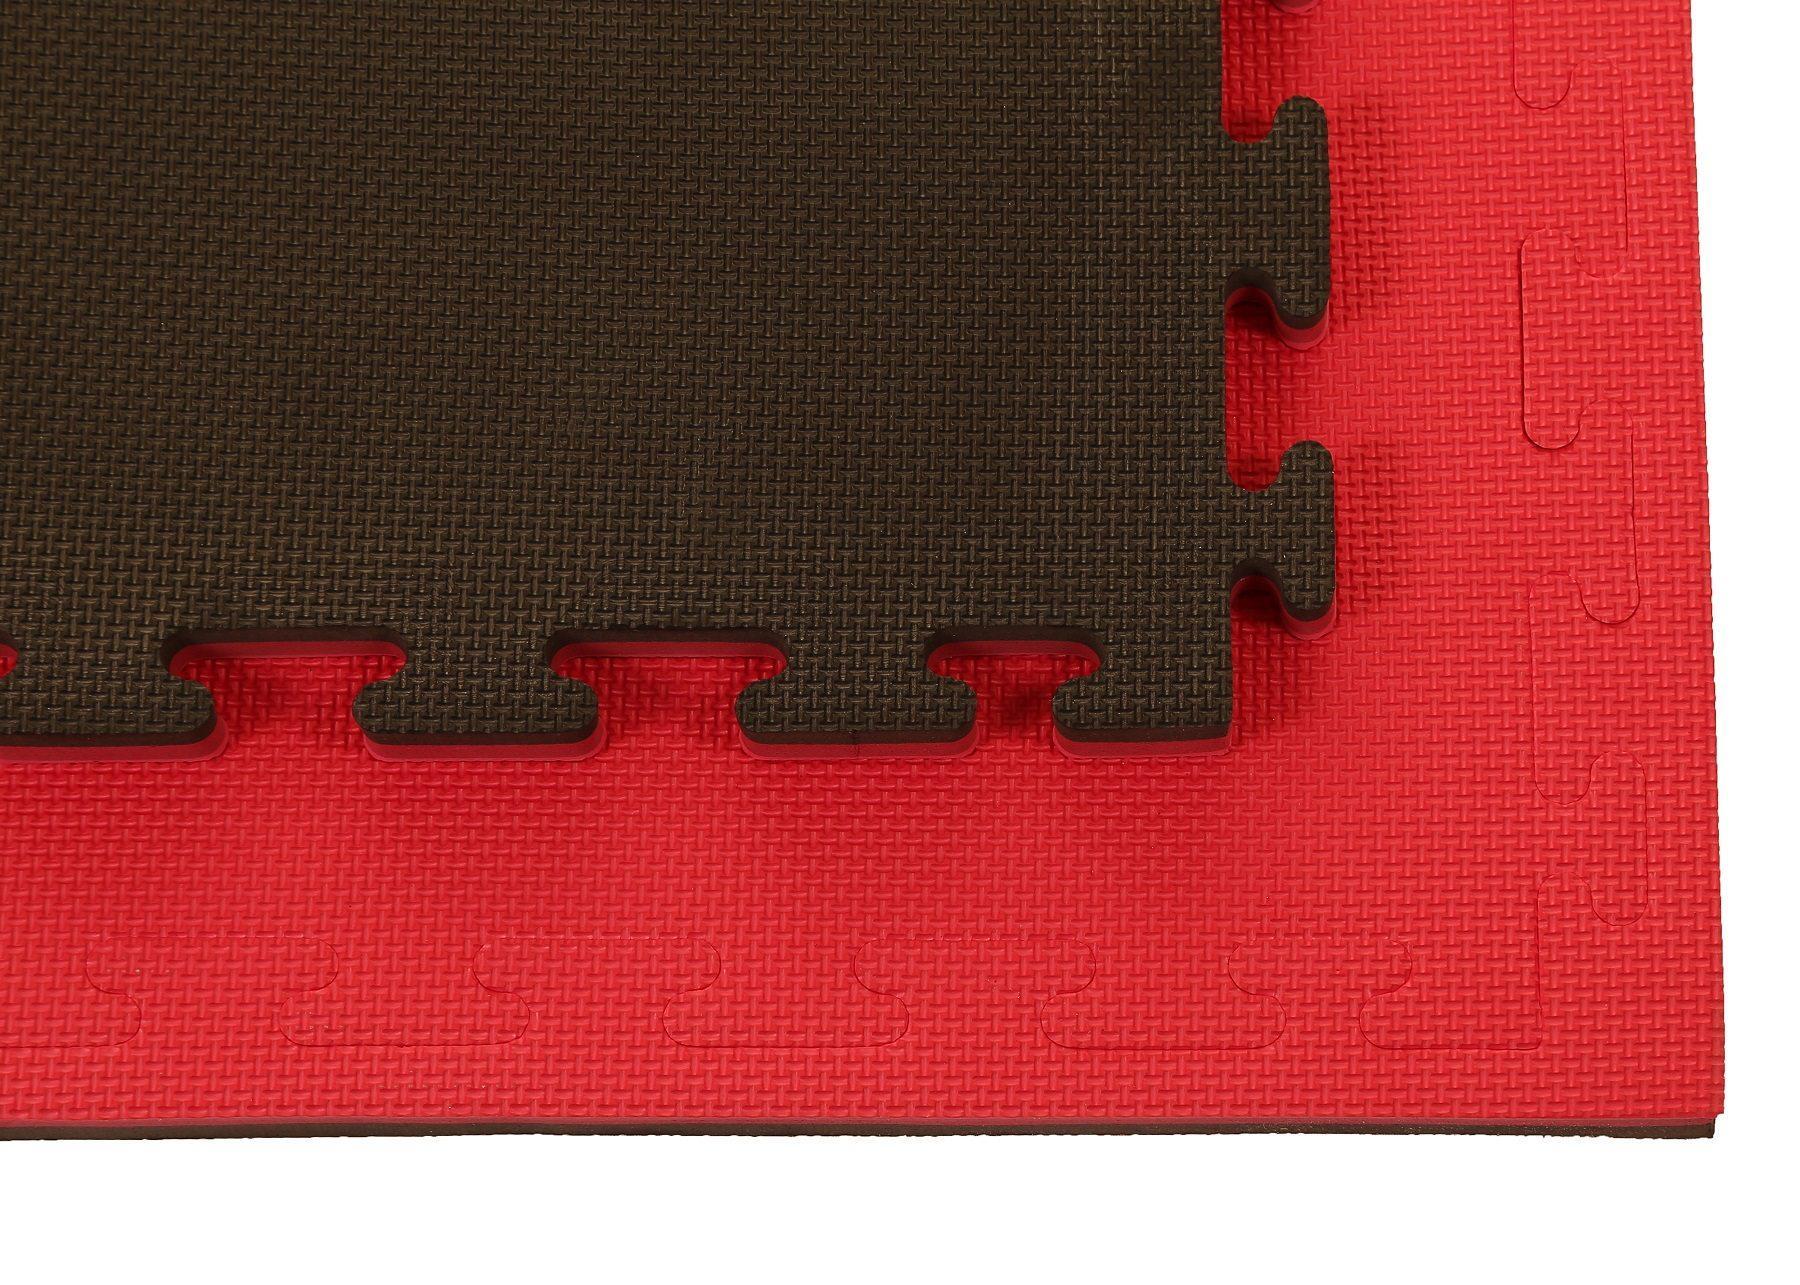 20mm Martial Arts Jigsaw Mats Great Bulk Pricing Offer